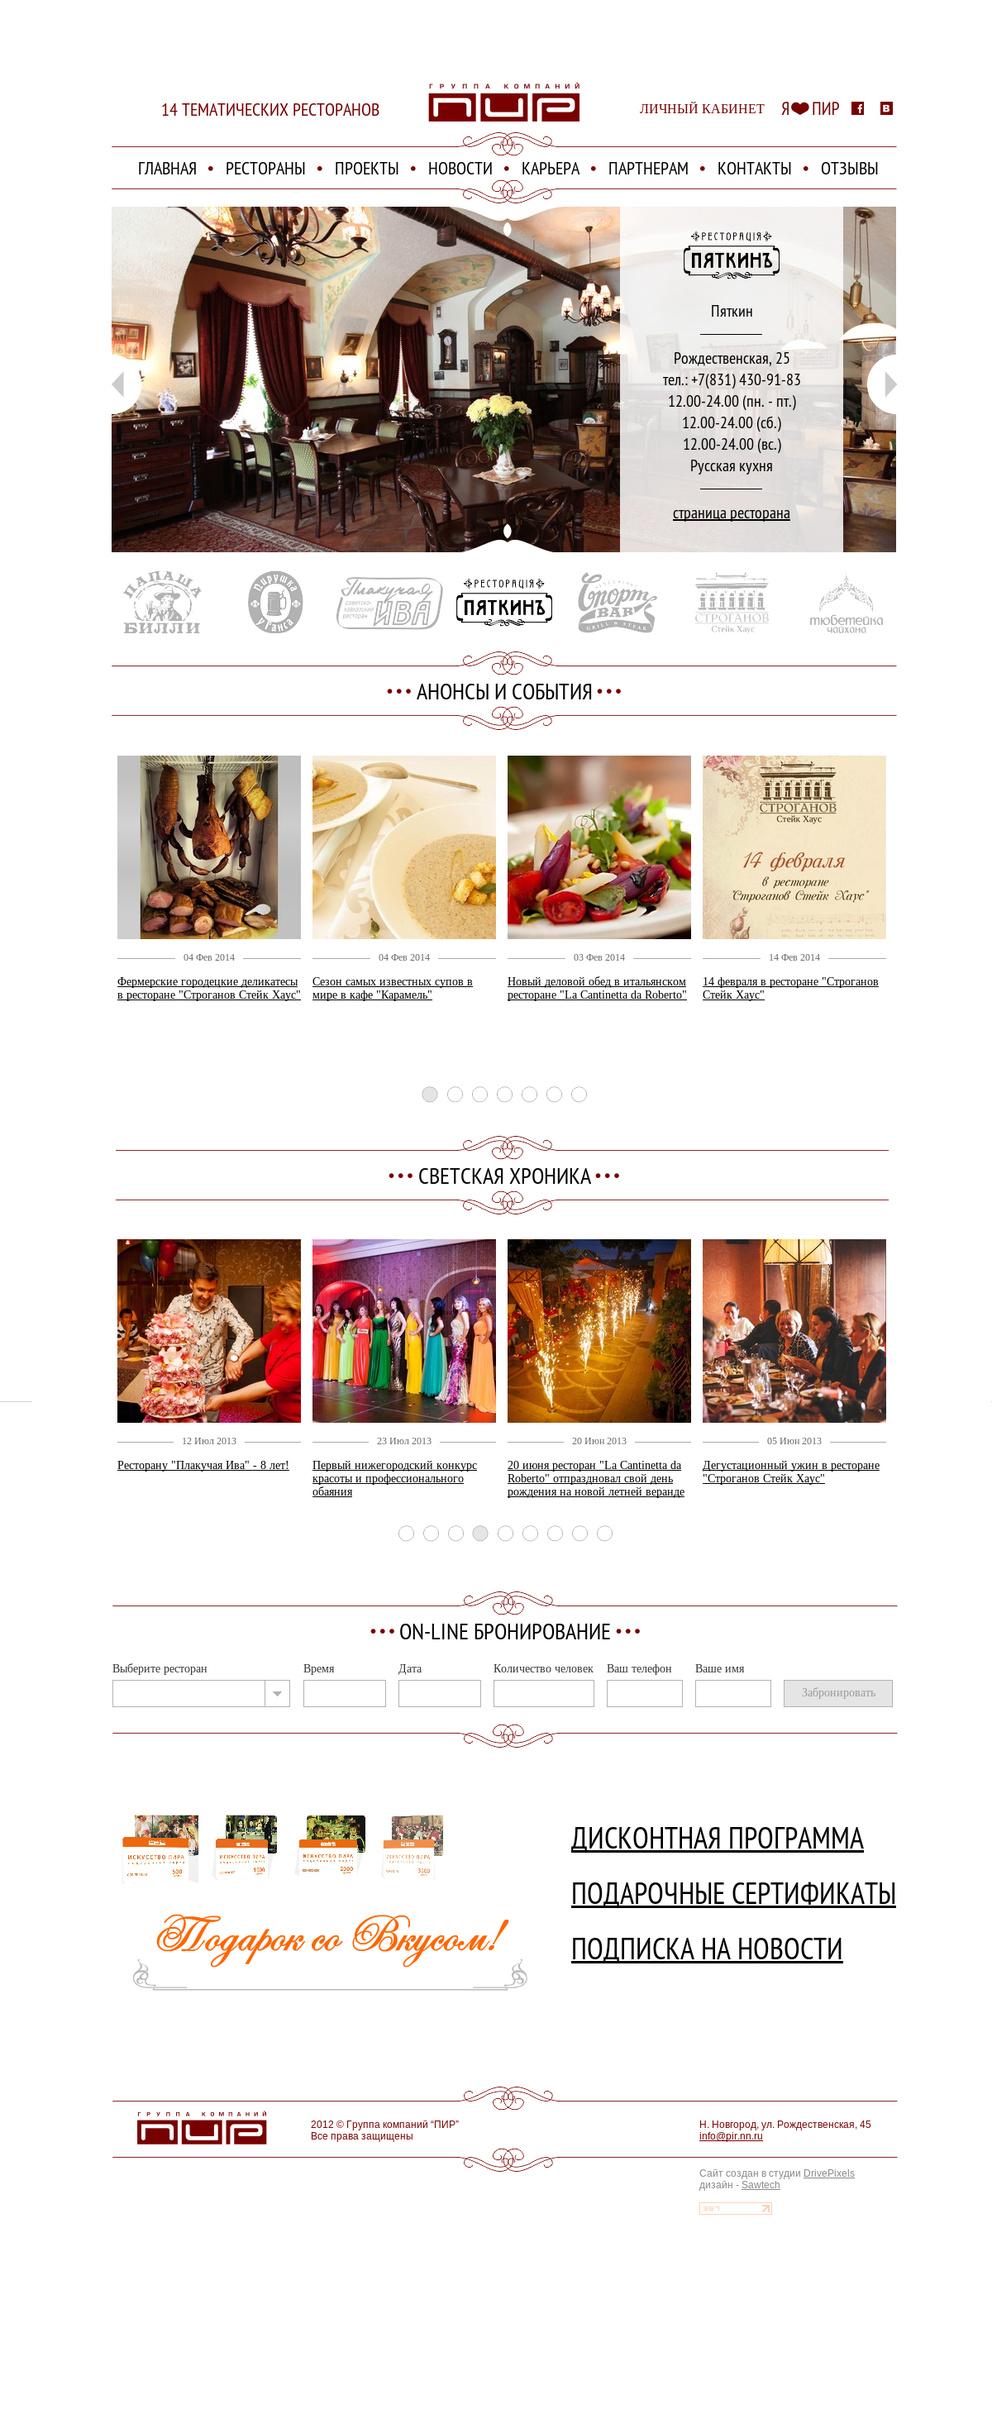 Сайт крупнейшей ресторанной сети Нижнего Новгорода ГК ПИР / Проект компании DrivePixels